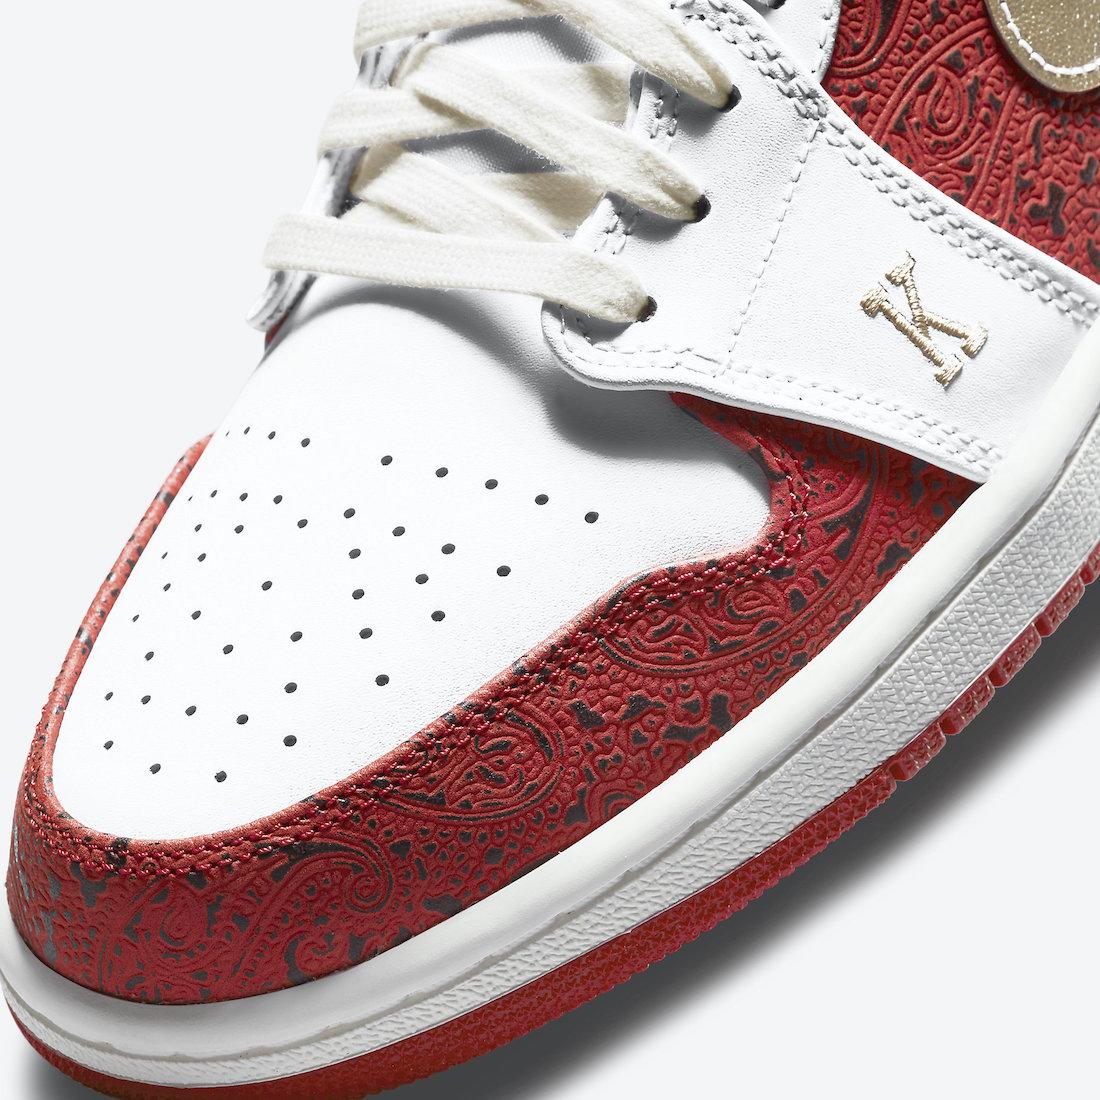 Air-Jordan-1-Low-Spades-DJ5185-100-Release-Date-6